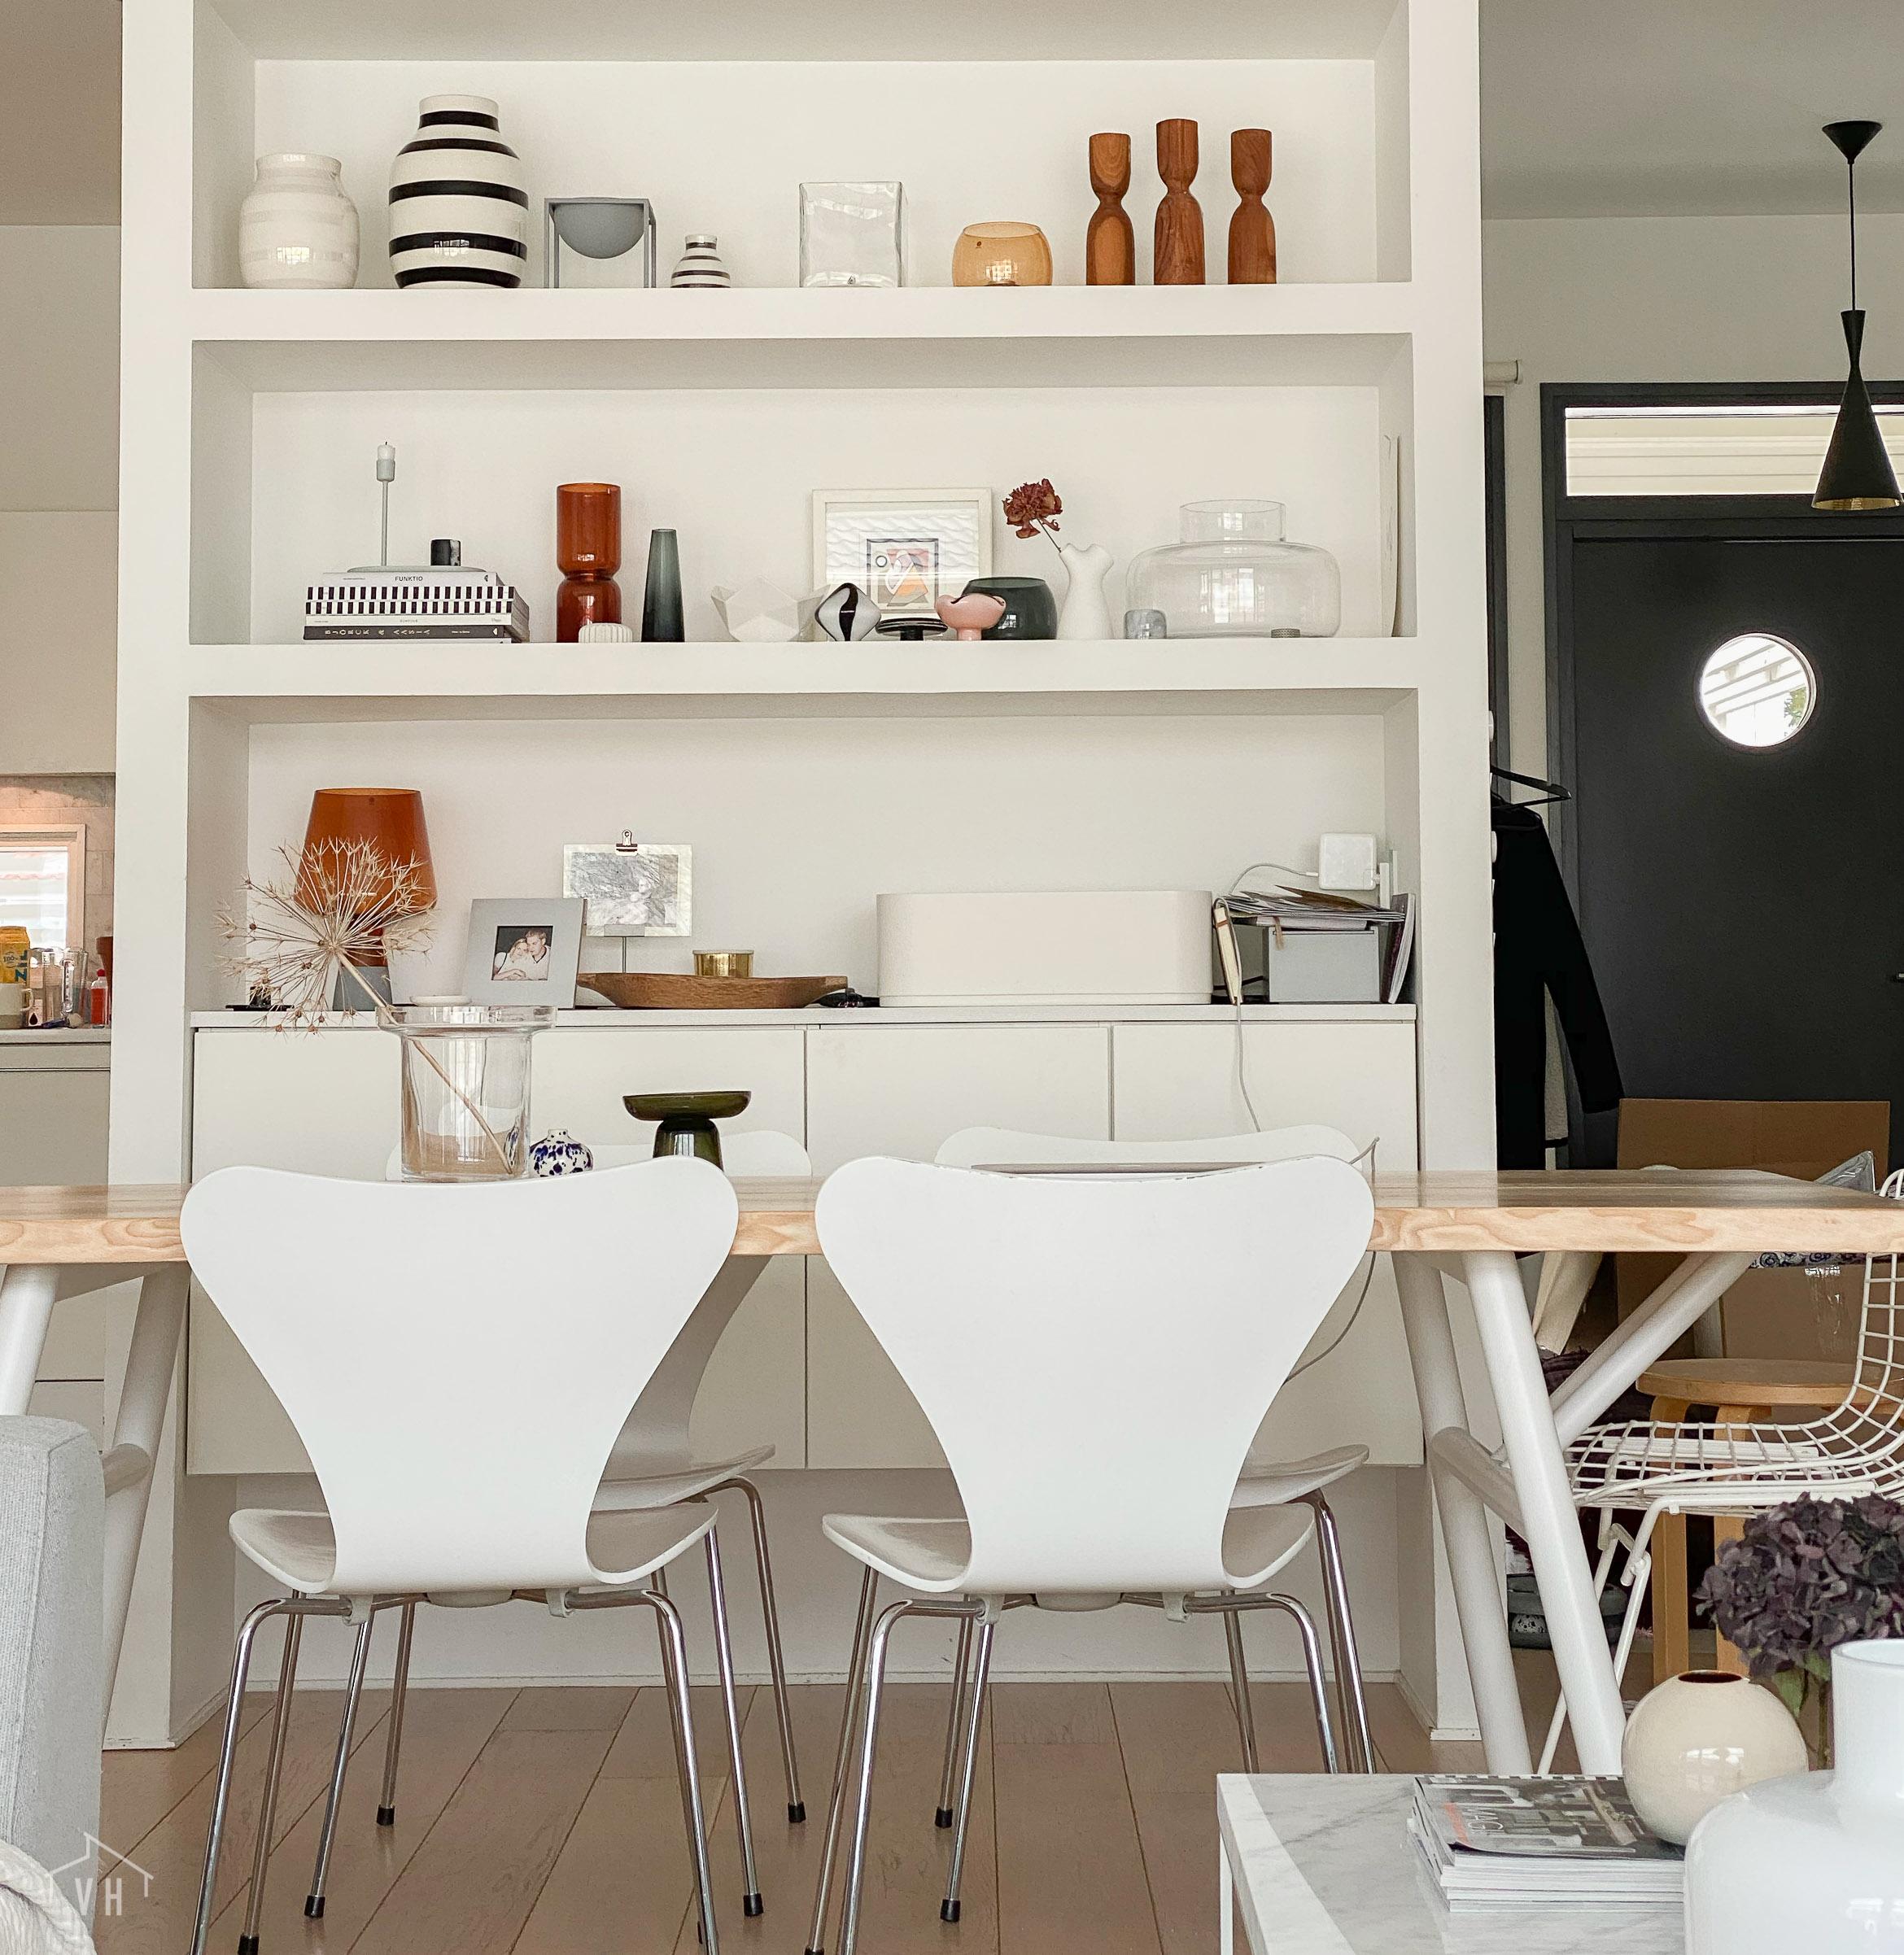 Hiihtolomaviikon puuhastelua: pientä pintaremonttia kotona